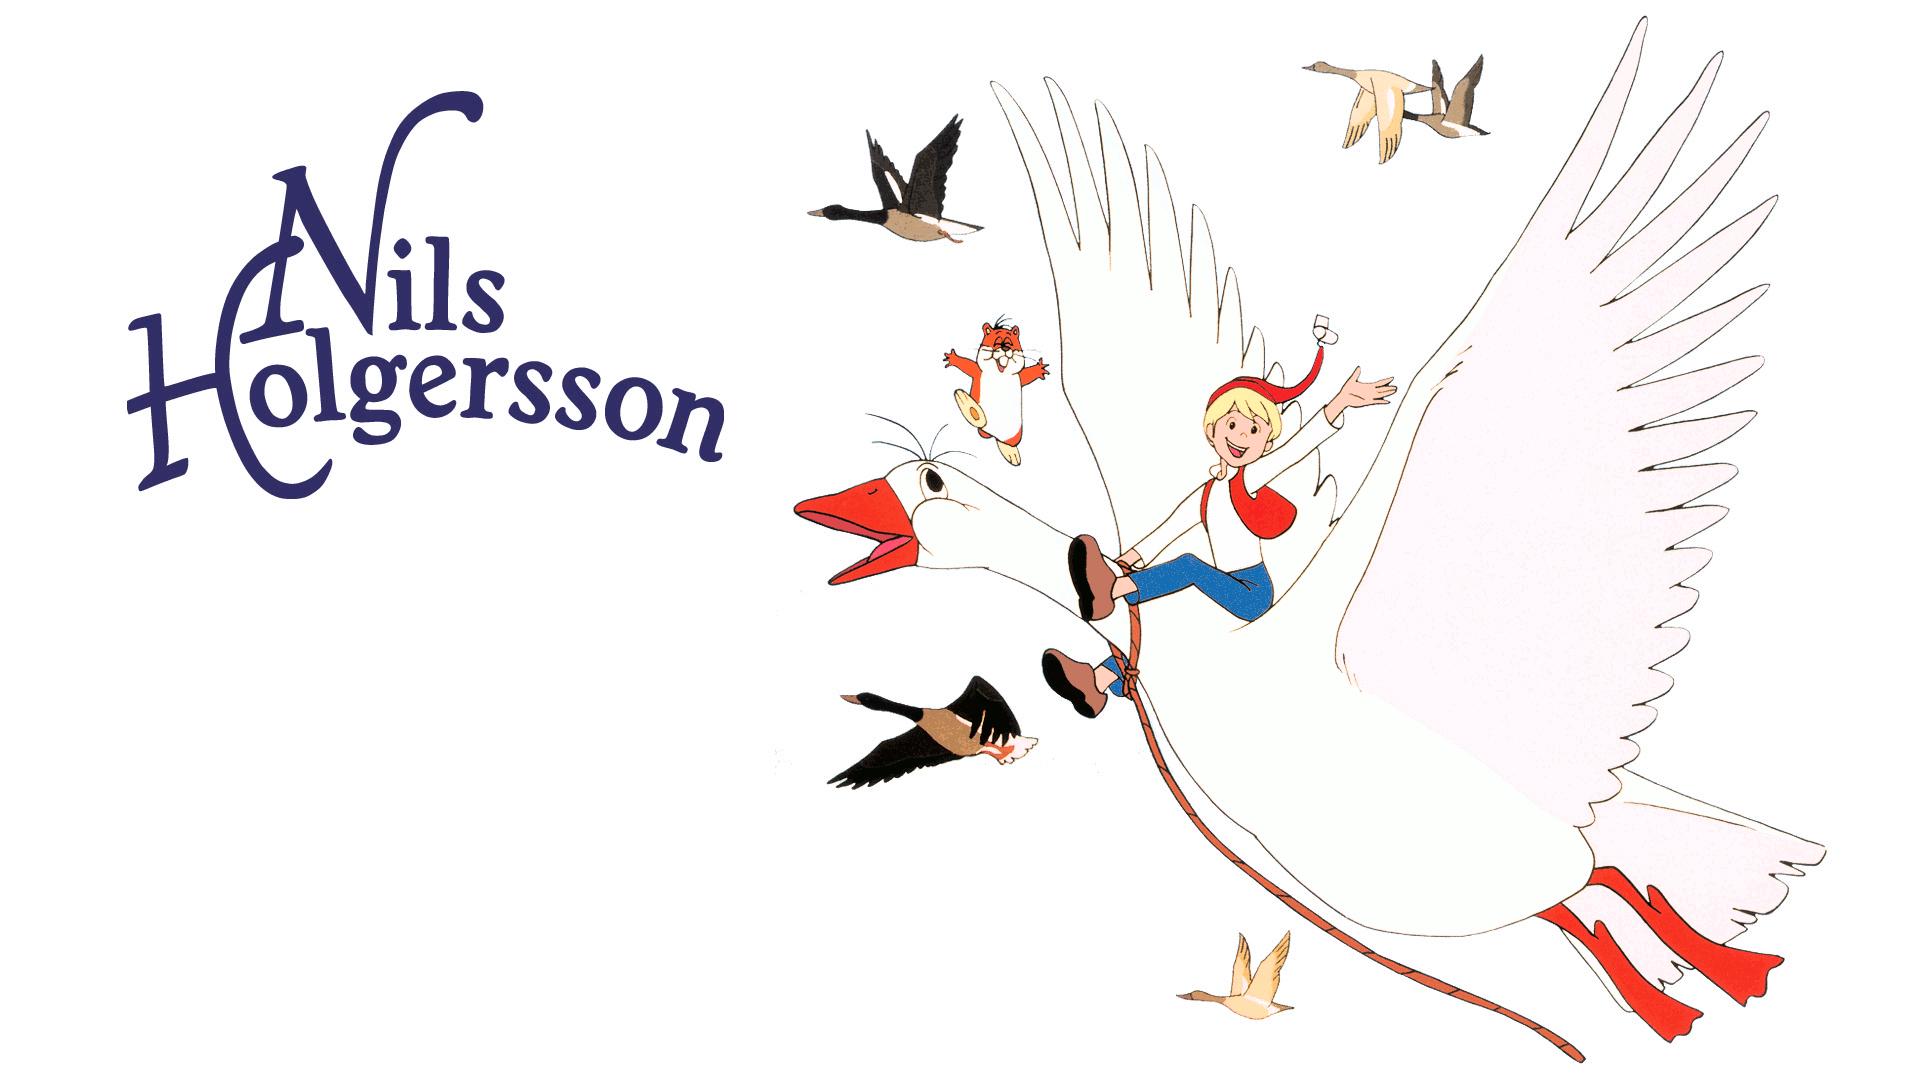 Amazon.de: Die wunderbare Reise des kleinen Nils Holgersson mit den Wildgänsen (Kindle Ebook) gratis